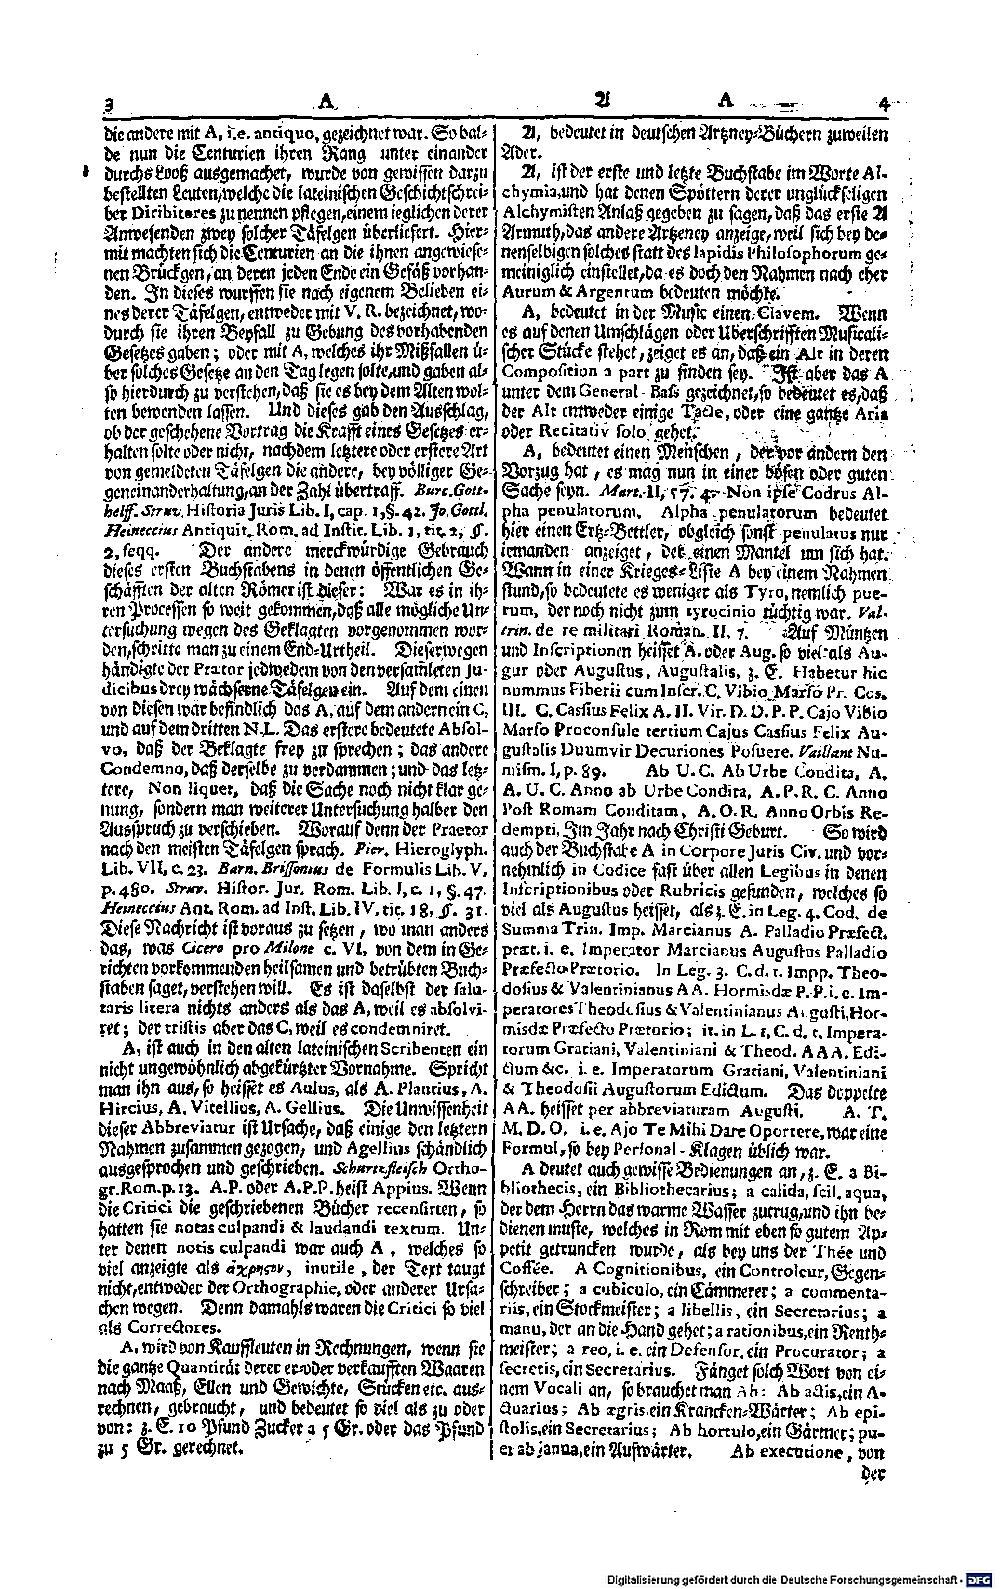 Bd. 01, Seite 0041.